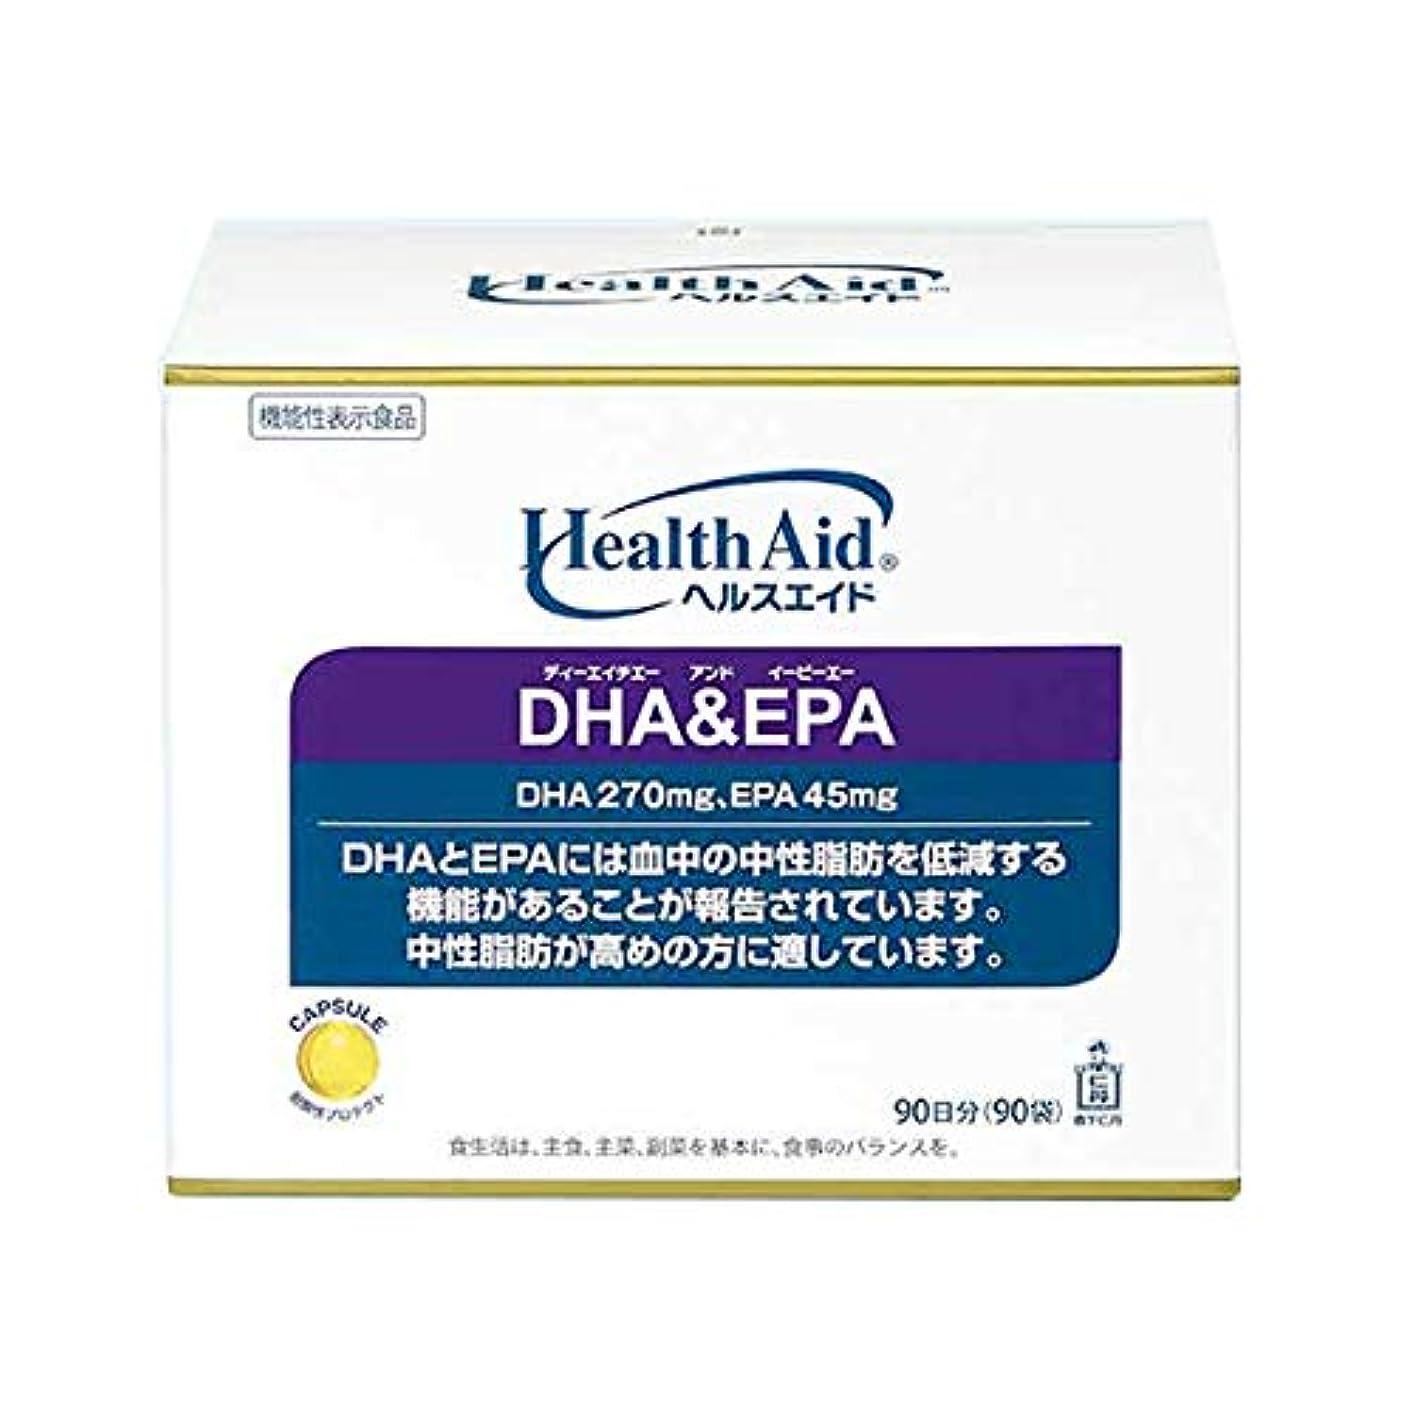 不名誉な後継インターネット森下仁丹 ヘルスエイド®DHA&EPA 90日分(90袋) [機能性表示食品]